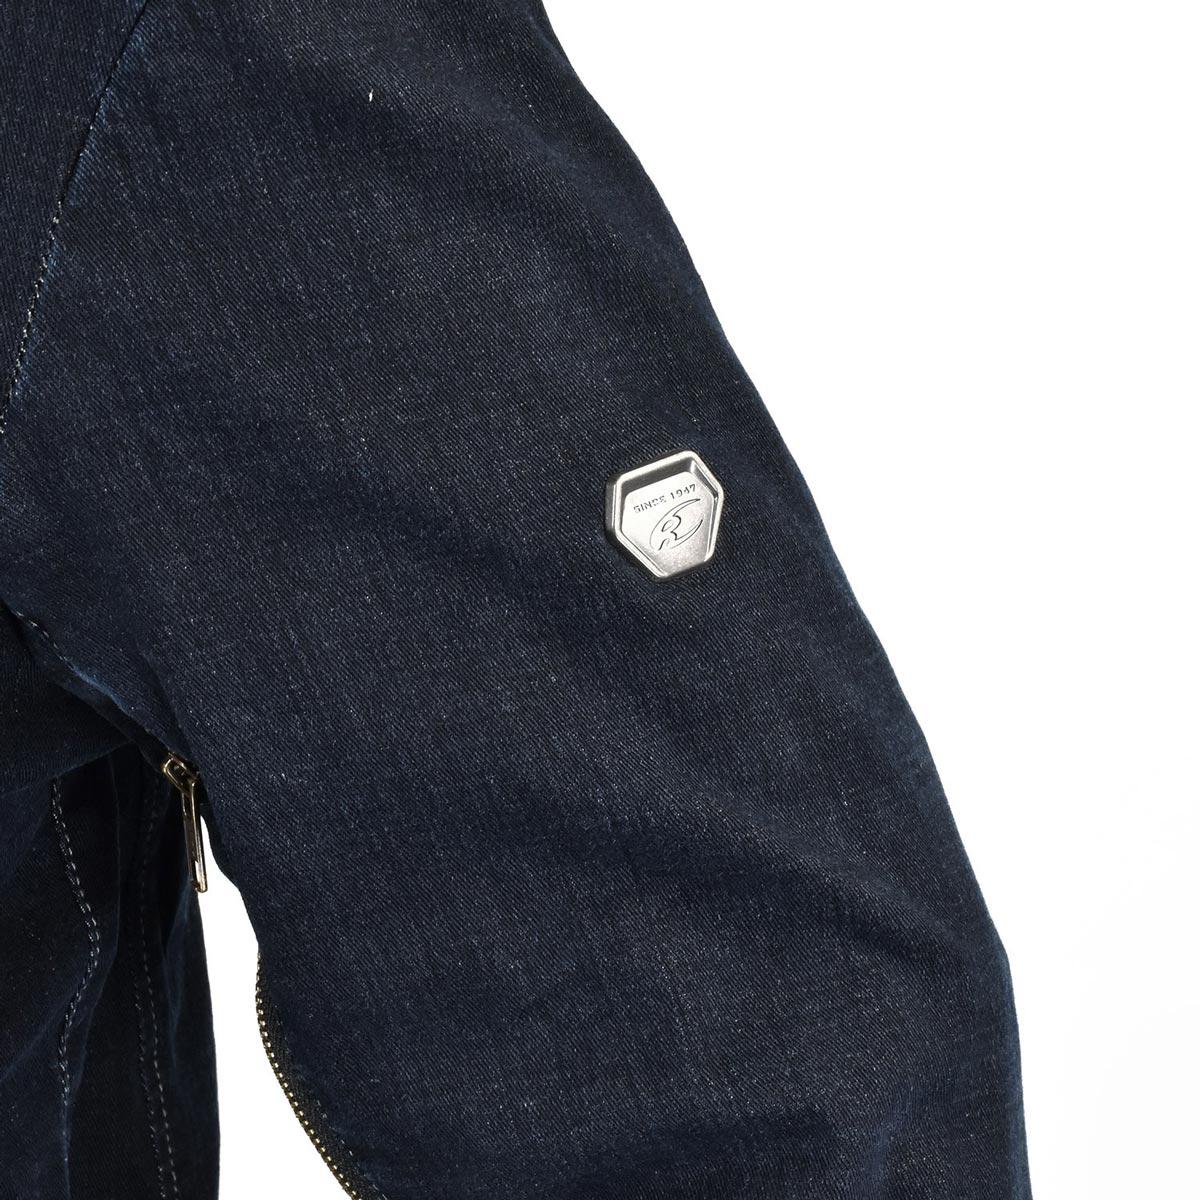 JK-153 プロテクトデニムシングルジャケット